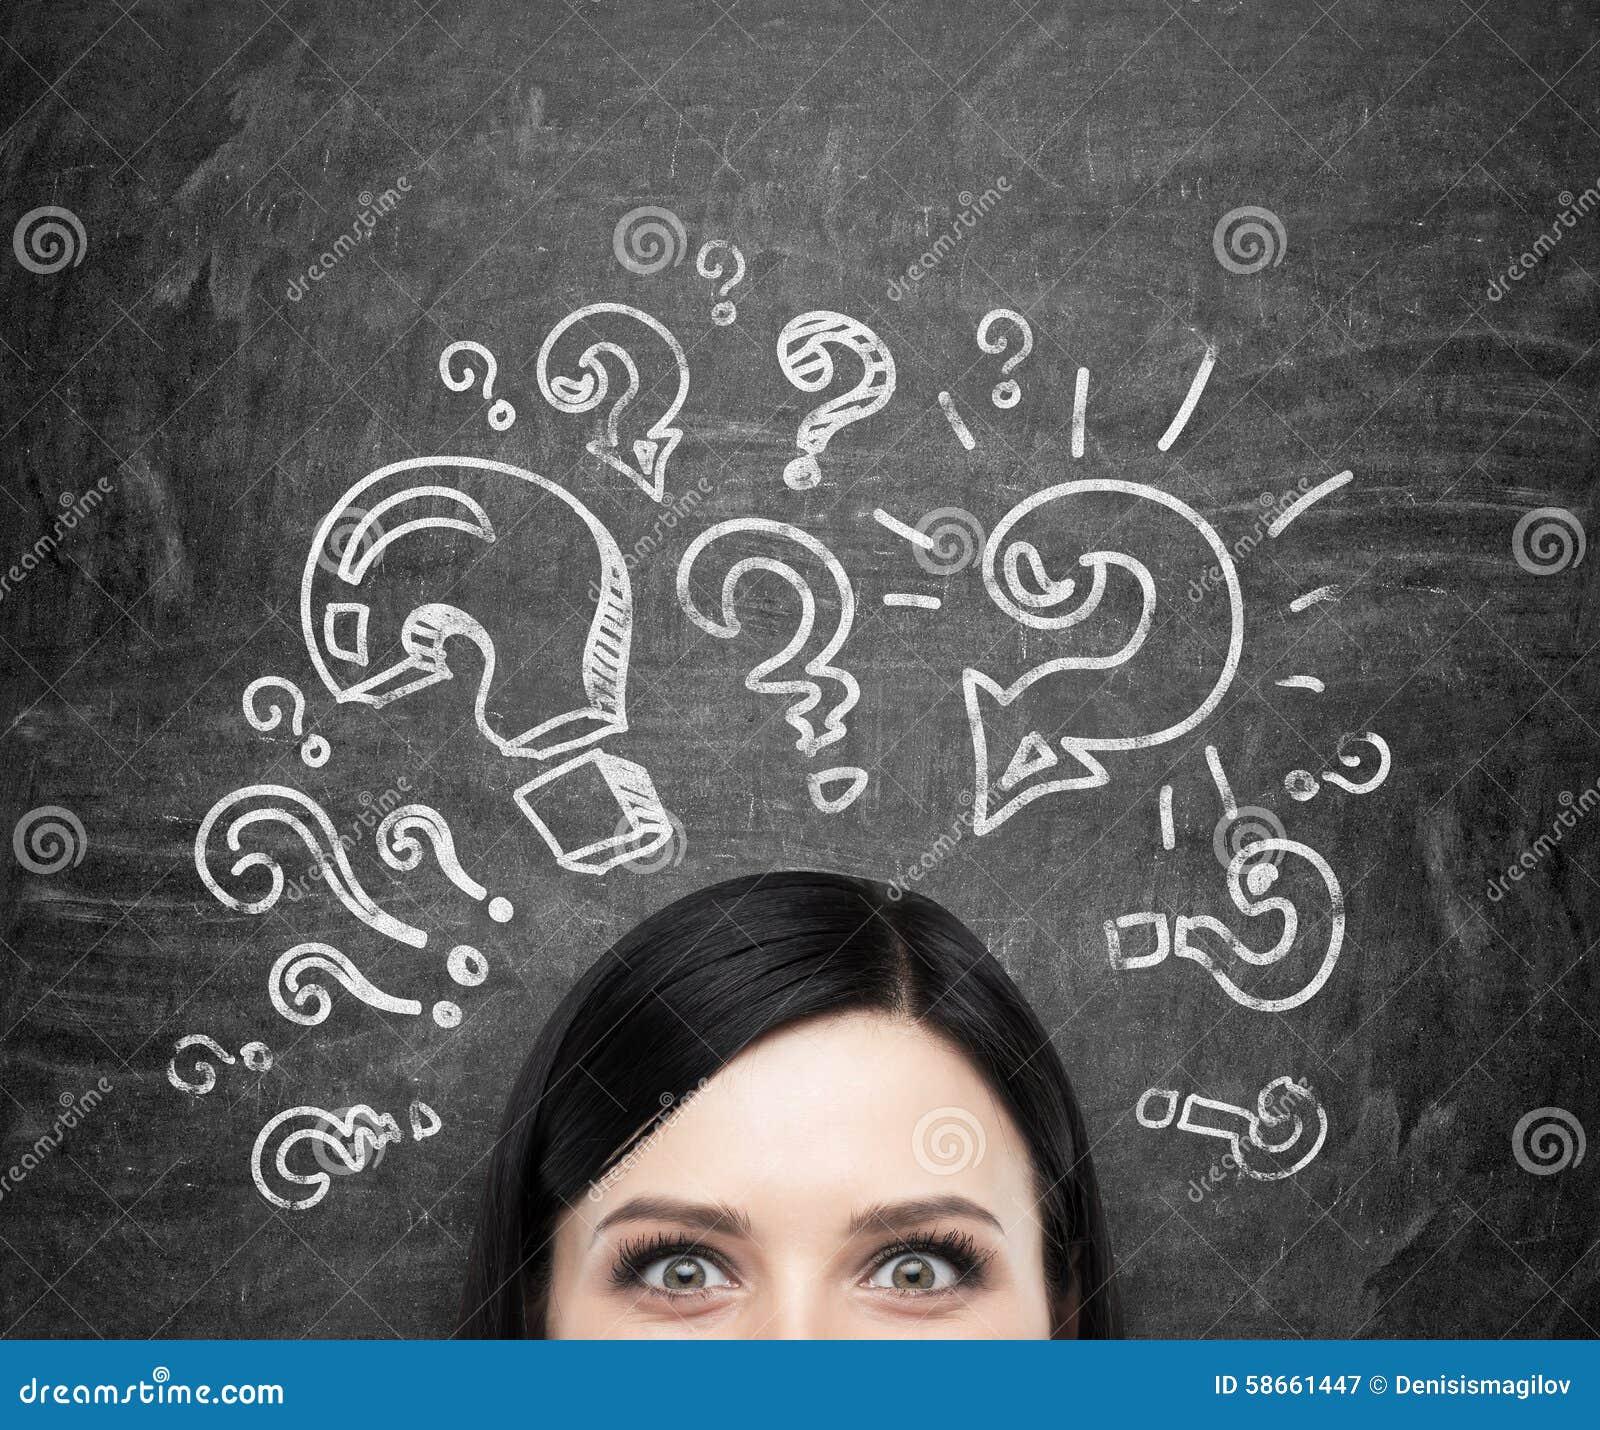 Лоб девушки которая обдумывает о нерешённых проблемах Вопросительные знаки нарисованы вокруг головы черное chalkboa